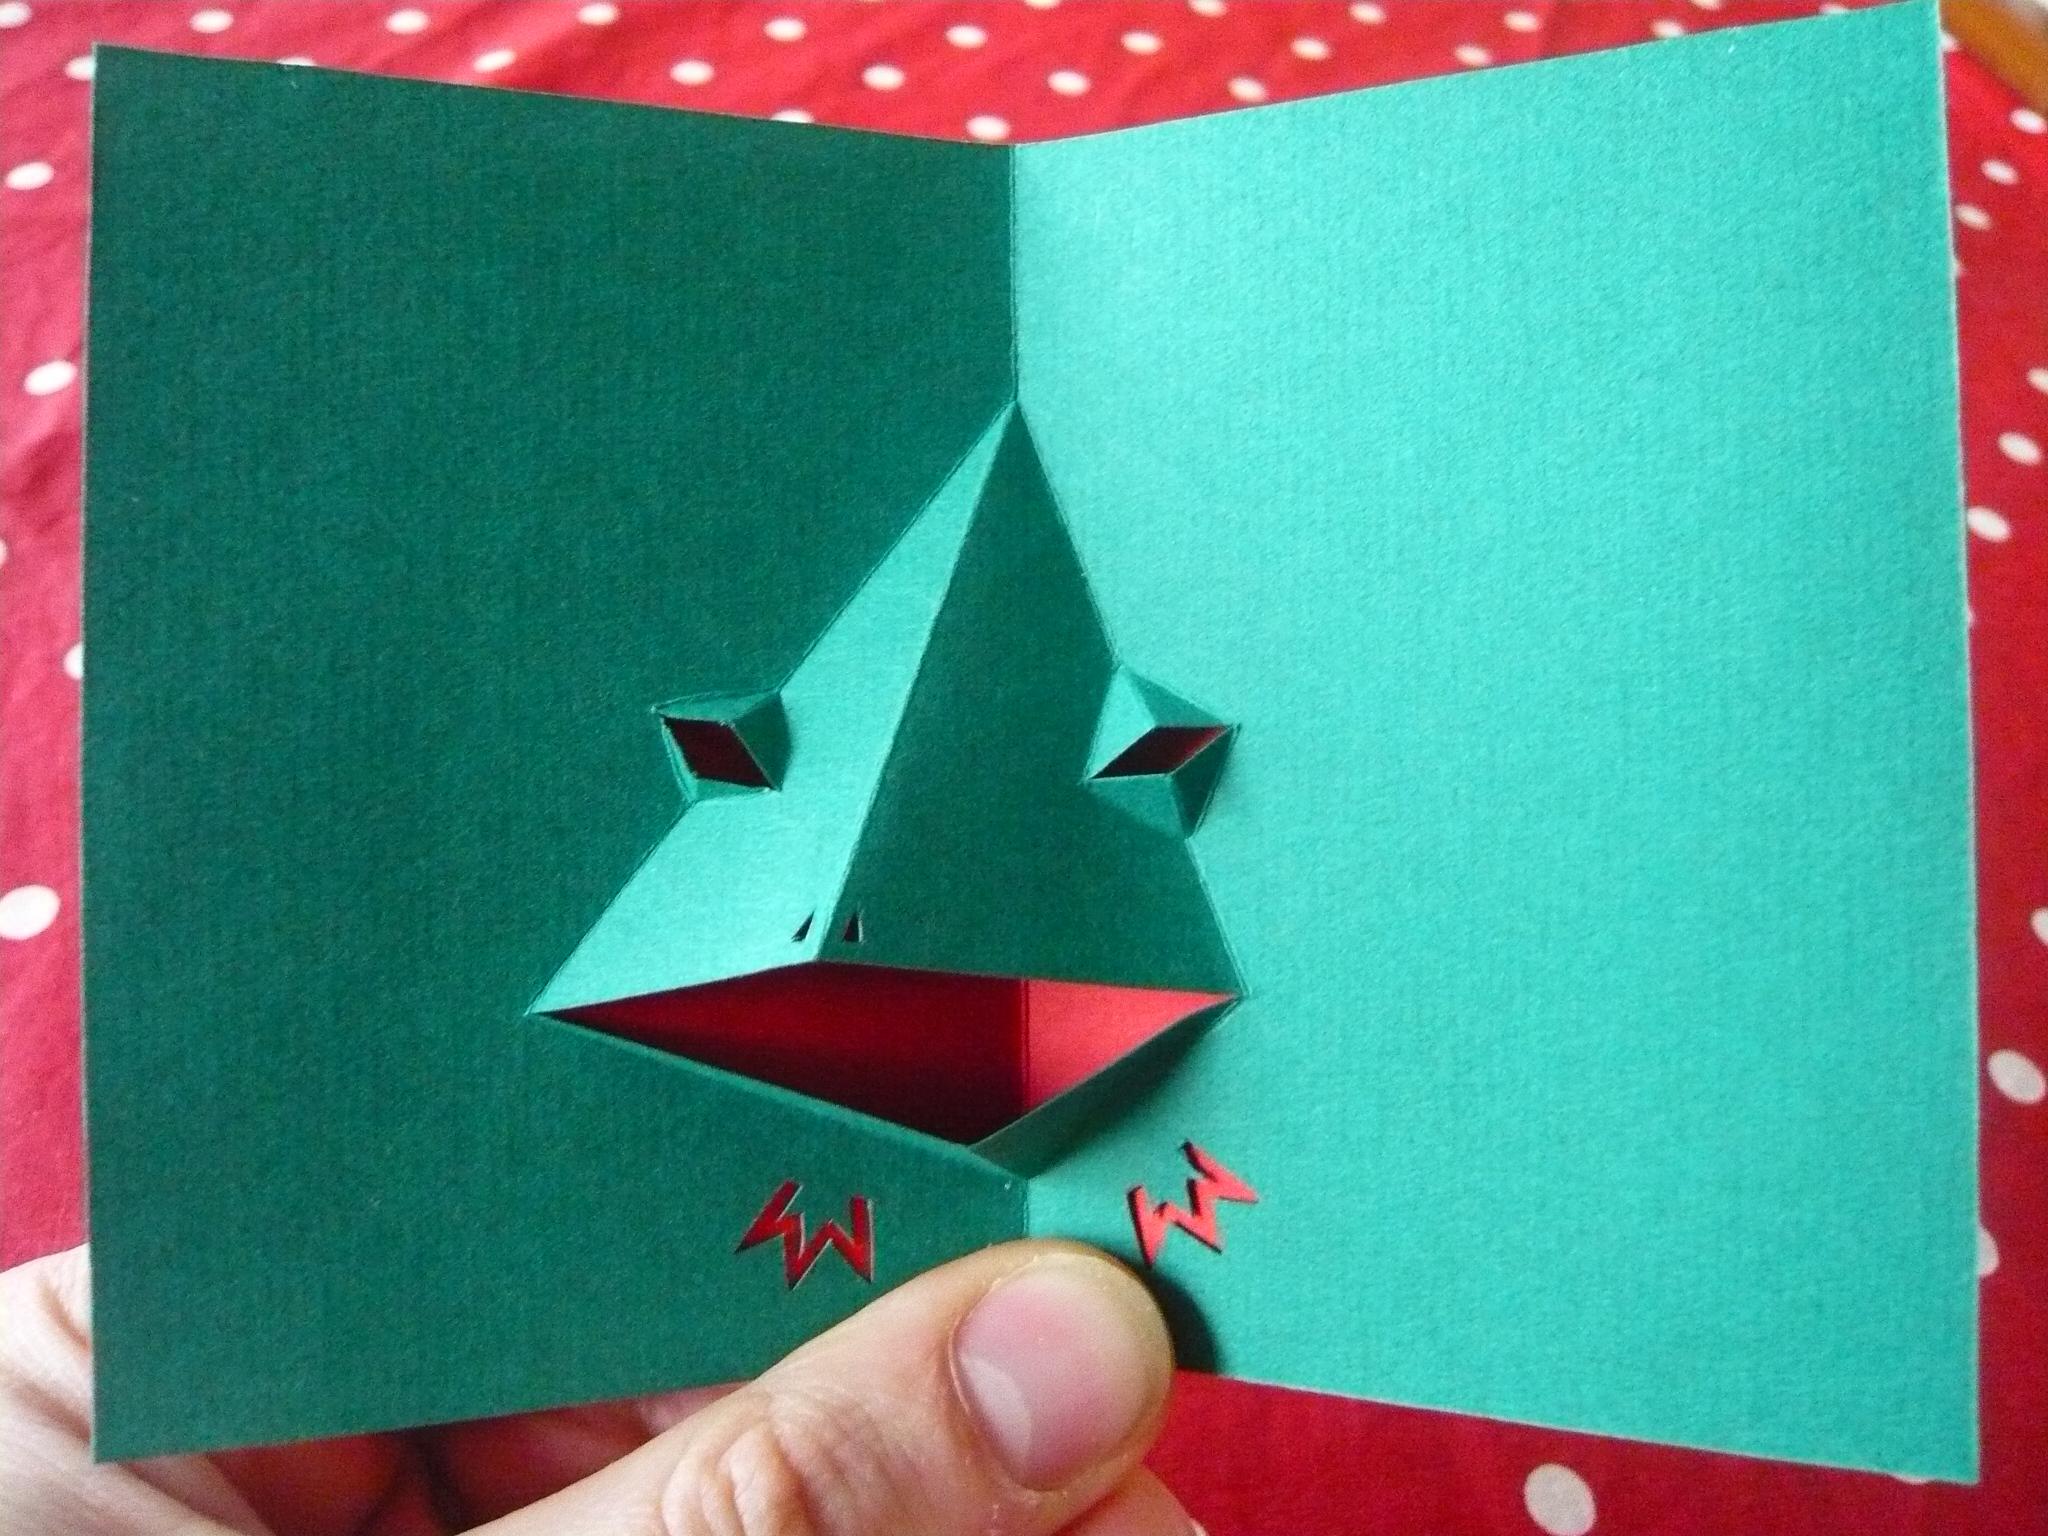 Tuto comment fabriquer une grenouille pop up rigolote l 39 art du pop up - Fabriquer carte pop up ...